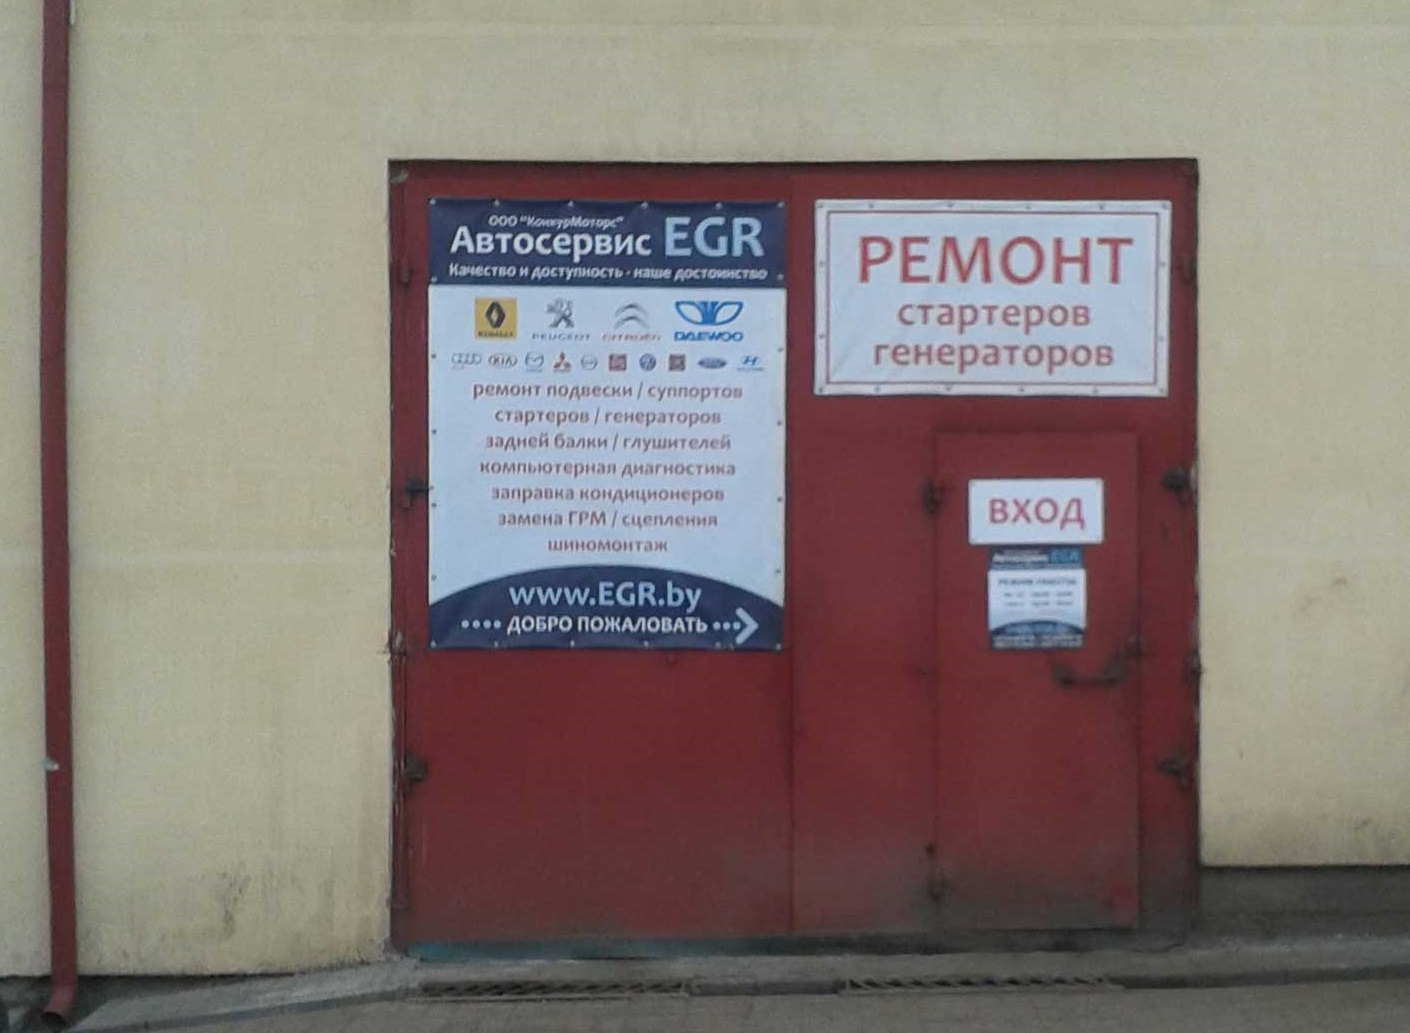 Автосервис EGR 1